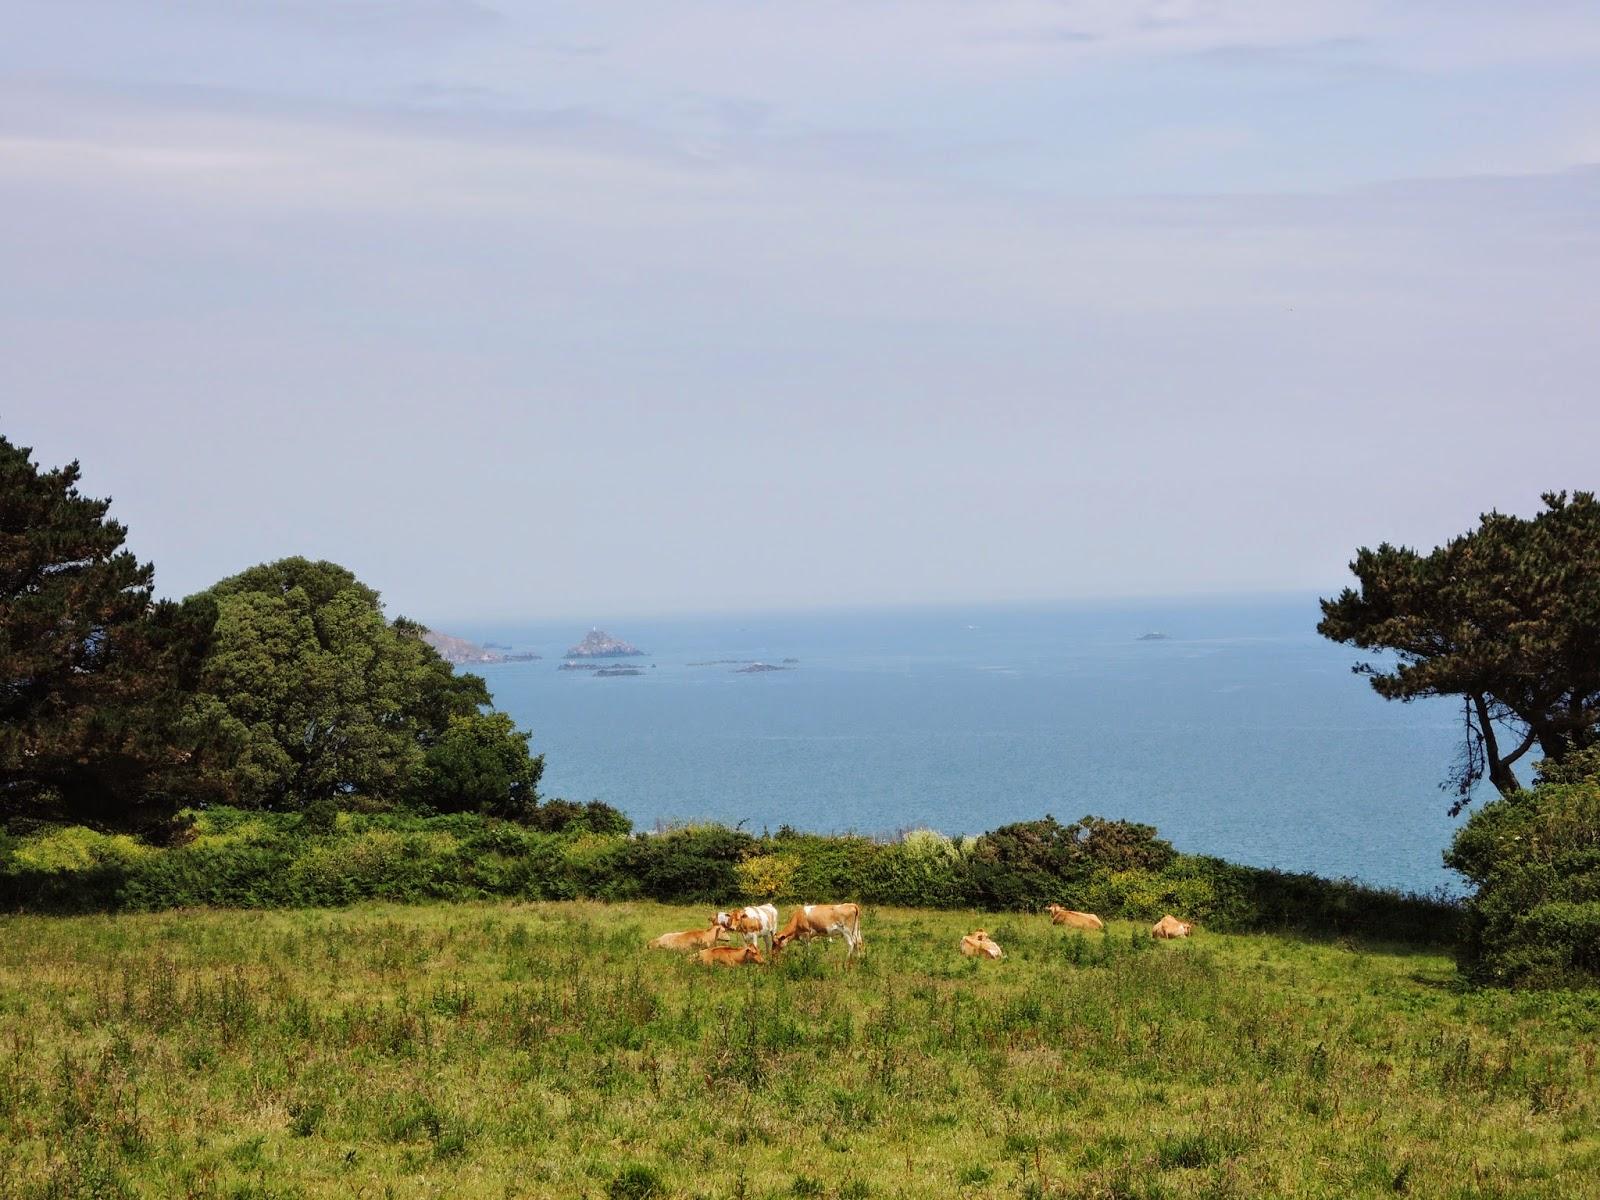 Guernsey cows,Guernsey Island